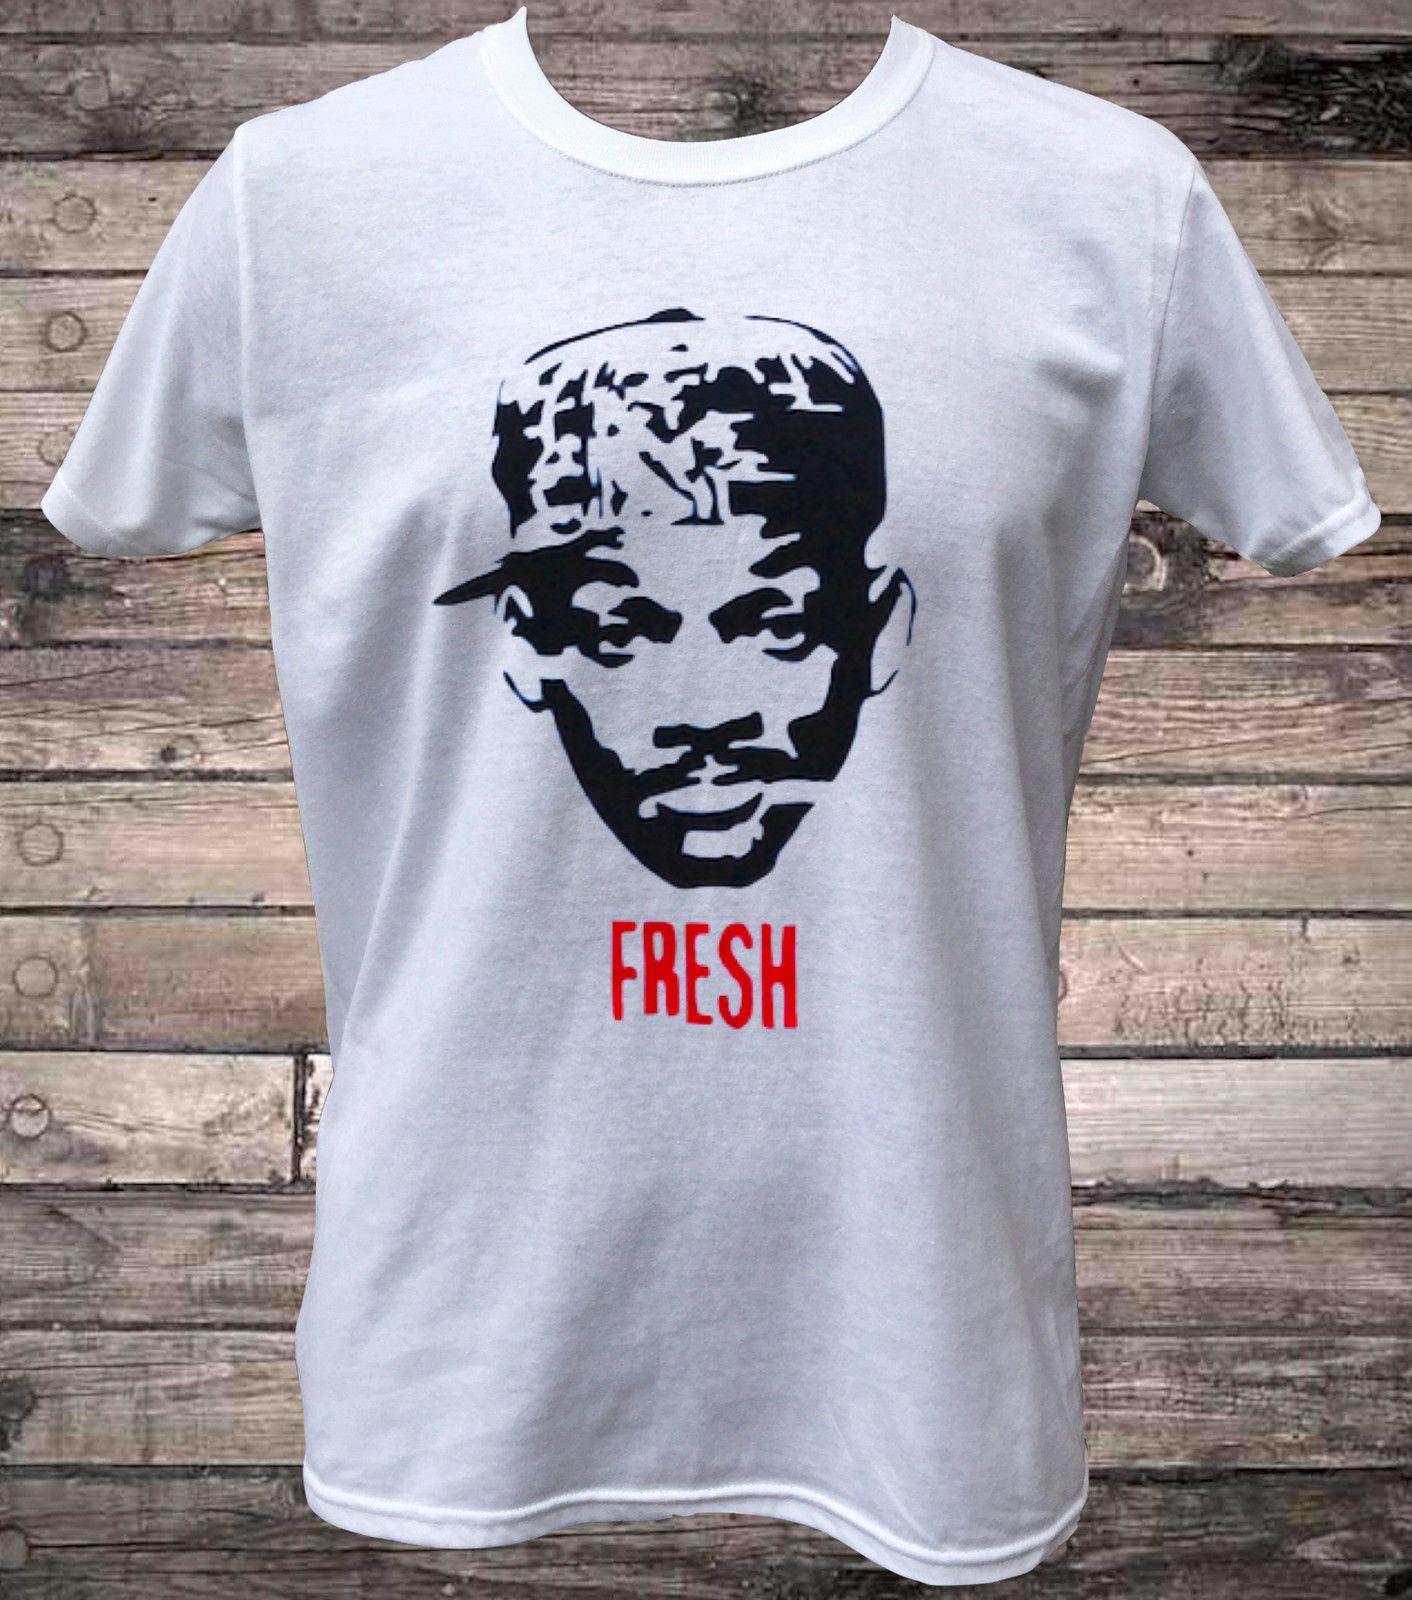 24f4c0c9903b0 Compre Will Smith Príncipe Fresco Camiseta Venda 100% Algodão T Camisa Meia  Idade Básica Tops Branco O Pescoço De Algodão T Camisas De Banbostore